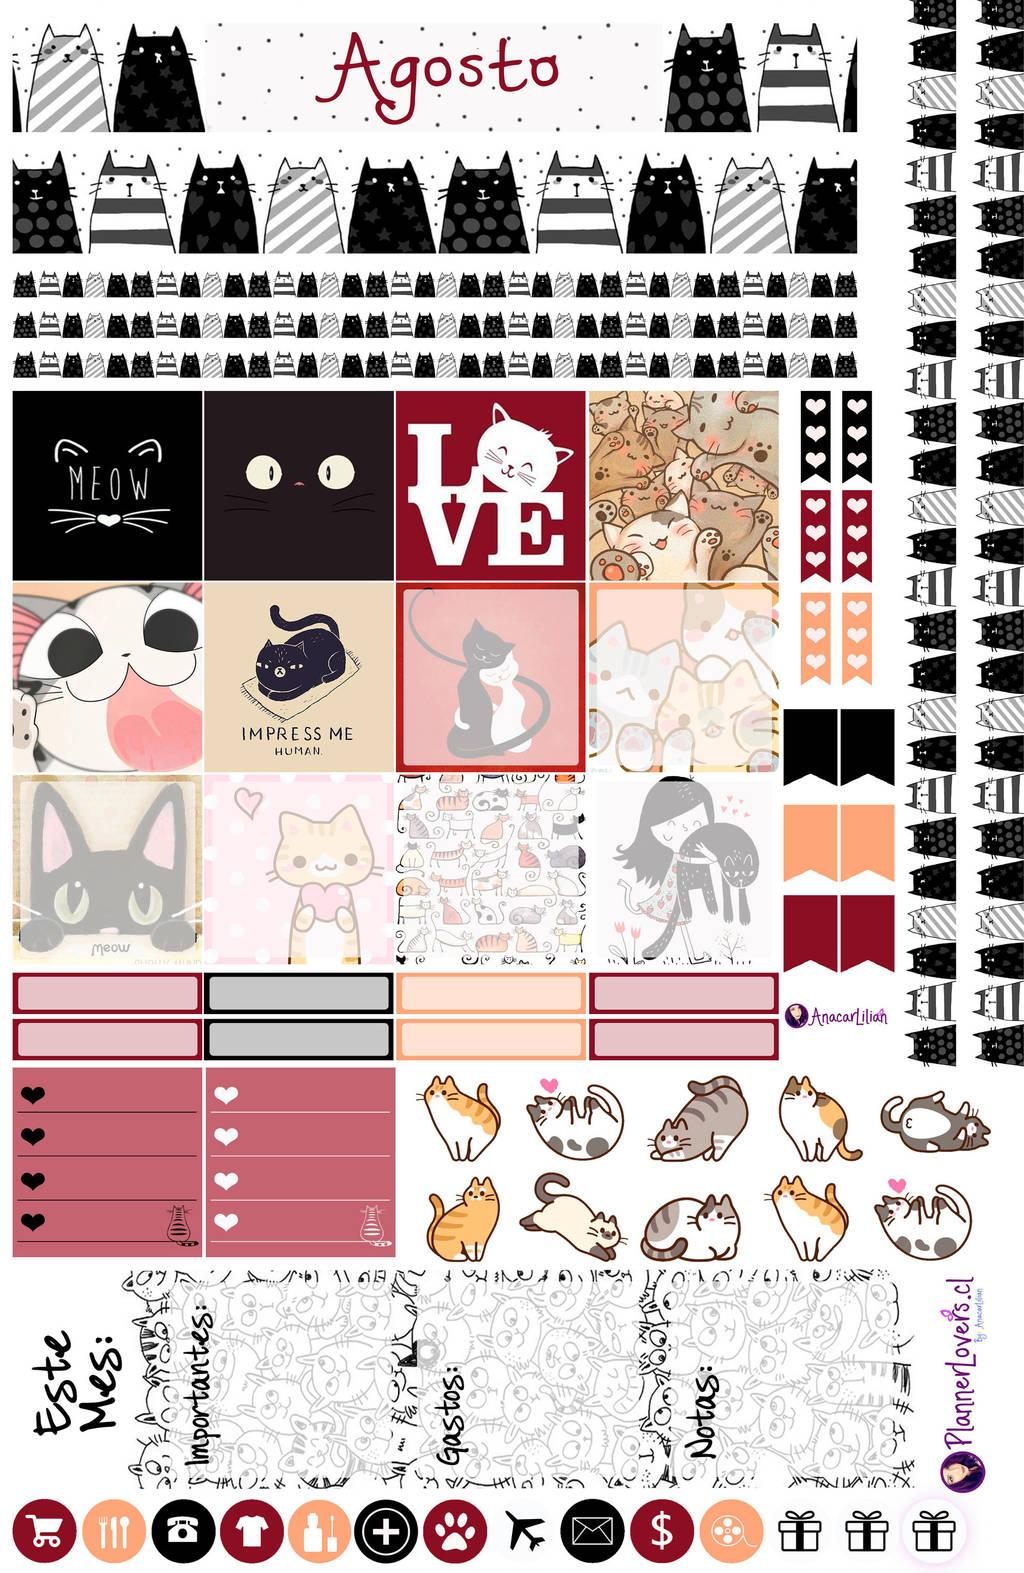 AGOSTO Mes de Los Gatos - Stickers by AnacarLilian